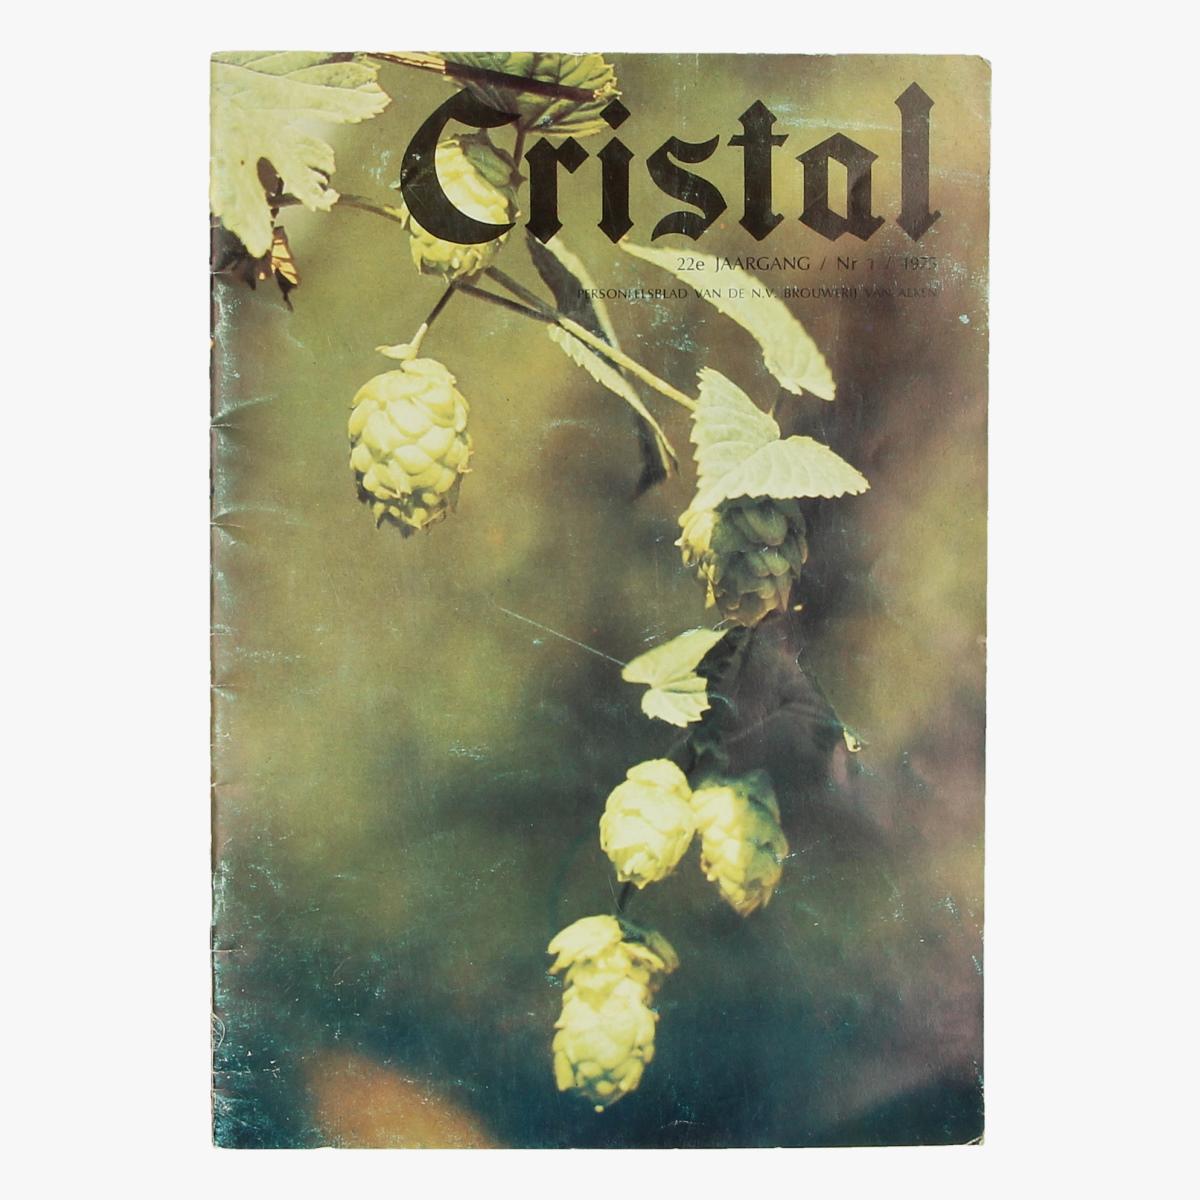 Afbeeldingen van cristal tijschrift 22e Jaargang/ nr1/ 1975